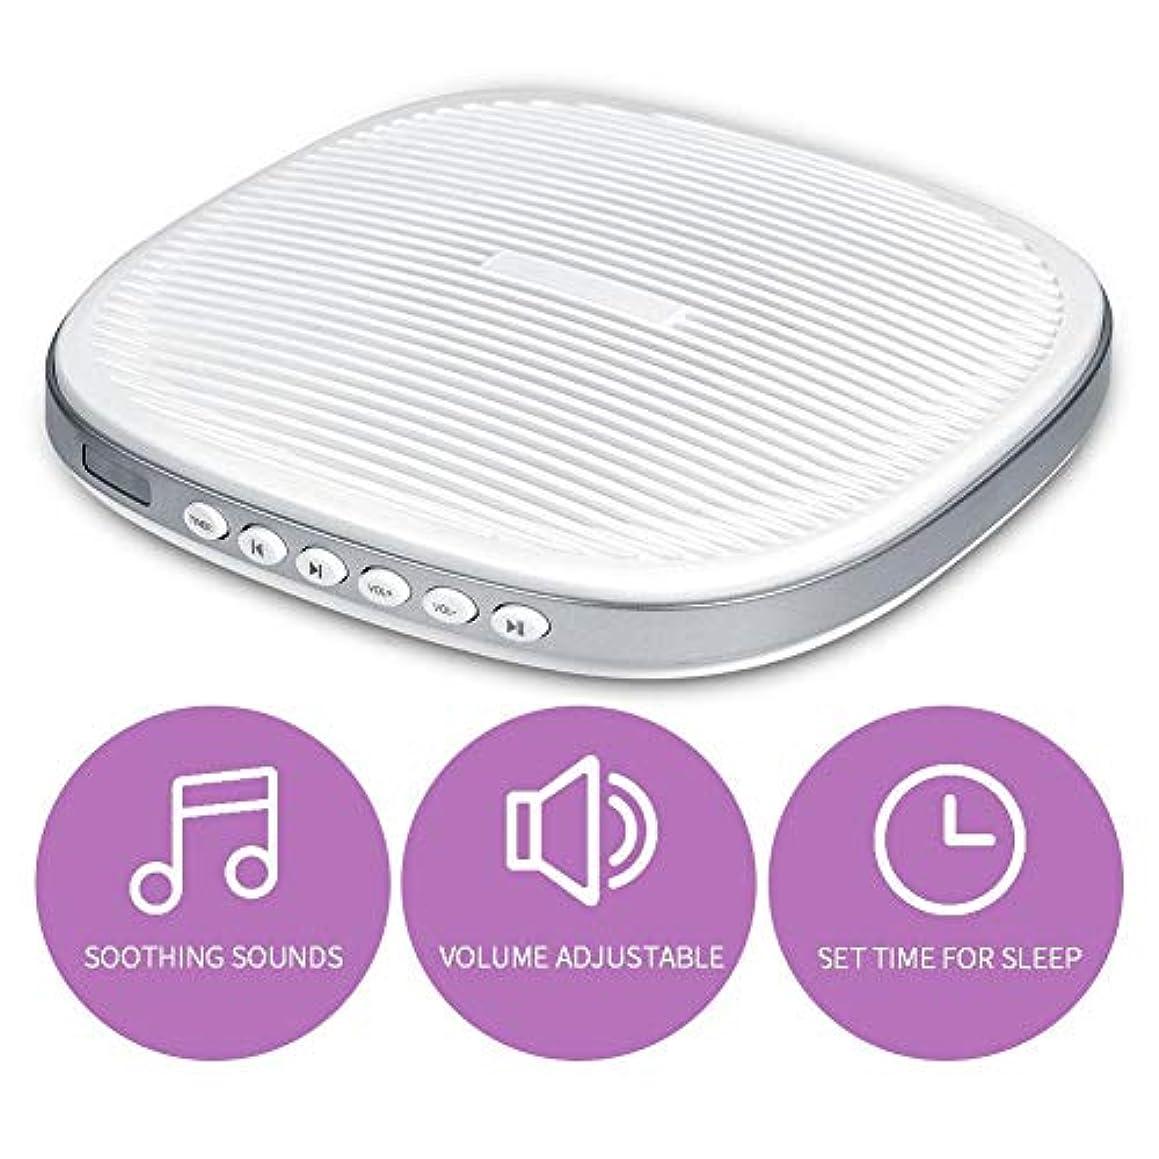 破壊する注釈サイトライン携帯用ホワイトノイズの睡眠機、赤ちゃん大人の旅行者の寝室のオフィスの家のための20のなだめるような音の3つのタイマーの睡眠の音機械